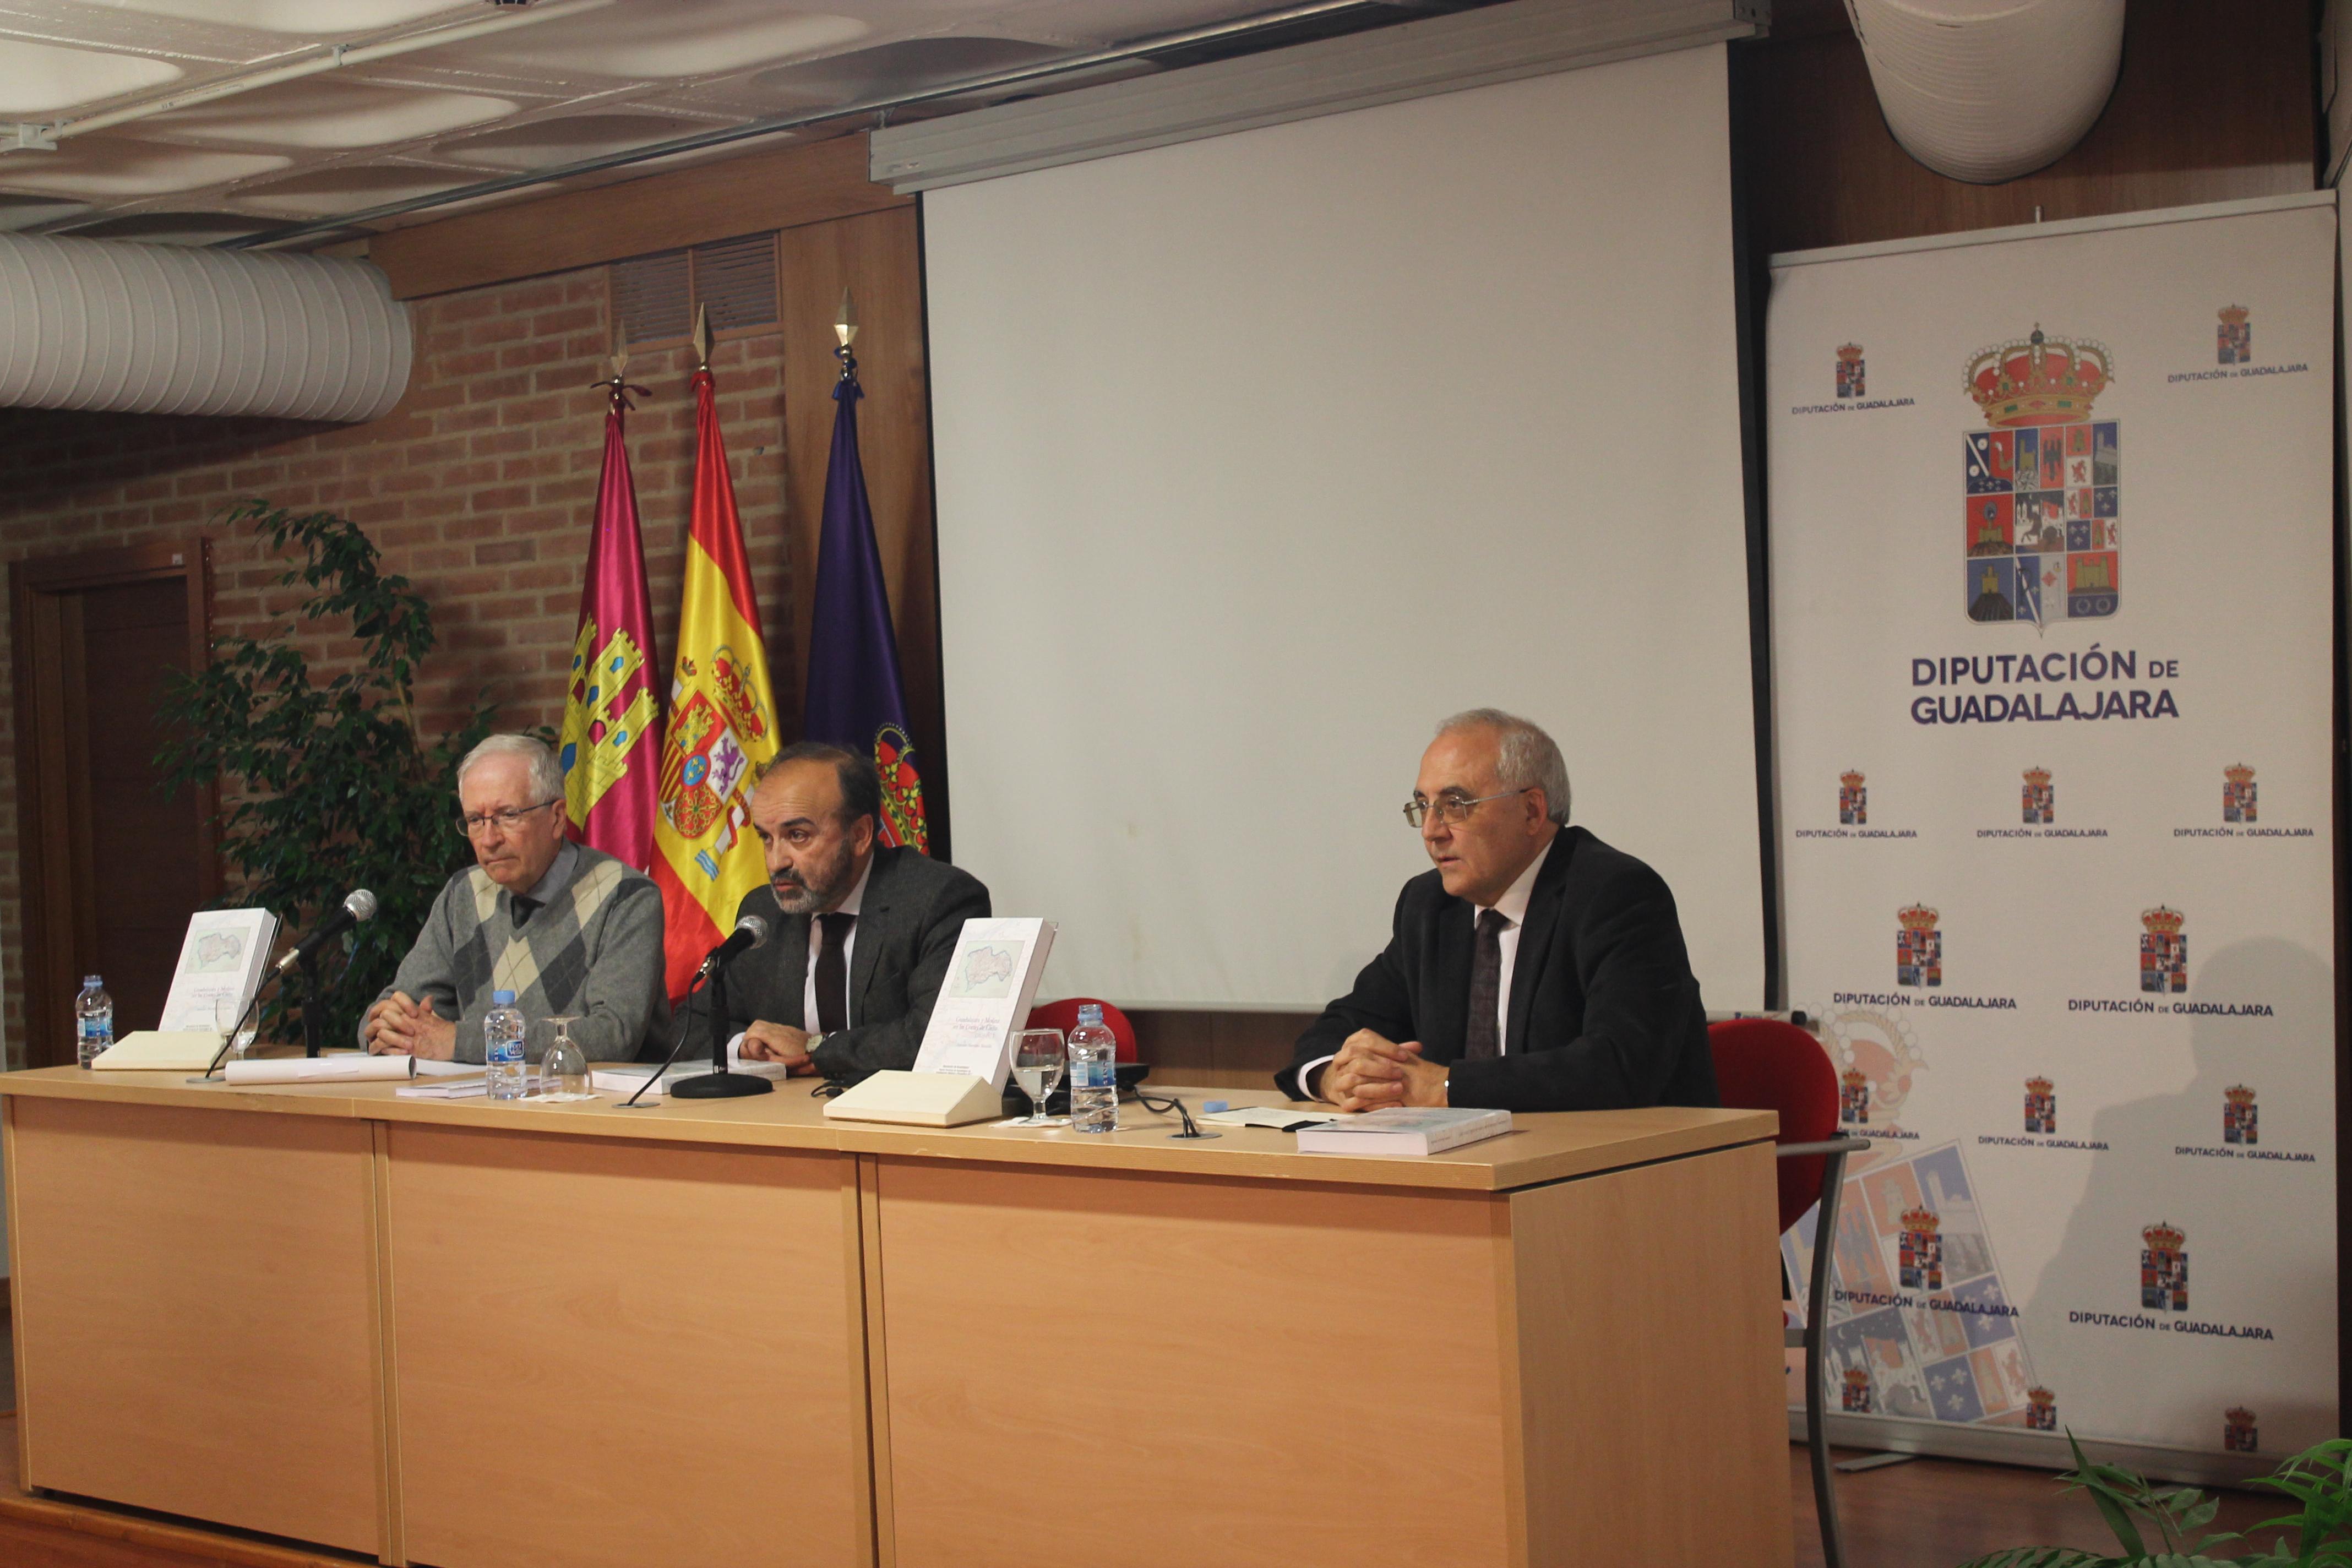 Un checano relata el papel de Guadalajara y Molina de Aragón en las Cortes de Cádiz